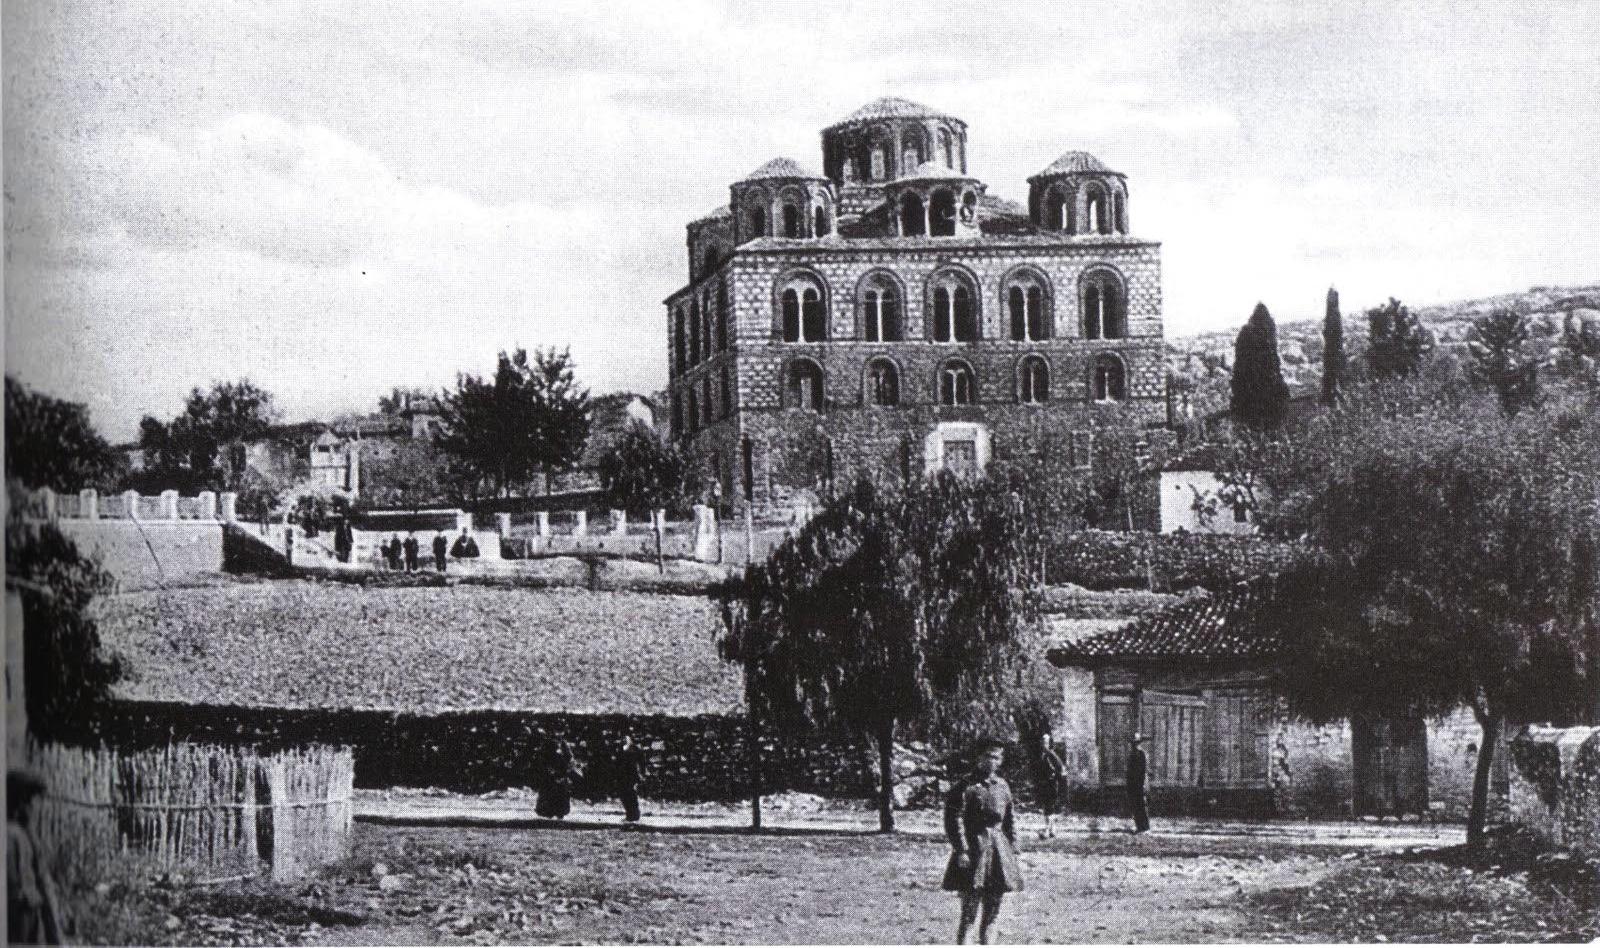 Παναγία η Παρηγορήτισσα, η Βυζαντινή εκκλησία της Άρτας με τον πρωτοποριακό τρούλο που αιωρείται. Ο θρύλος του πρωτομάστορα που ζήλεψε το επίτευγμα του βοηθού του και τον δολοφόνησε. Δείτε το βίντεο με το κτιστό τέμπλο